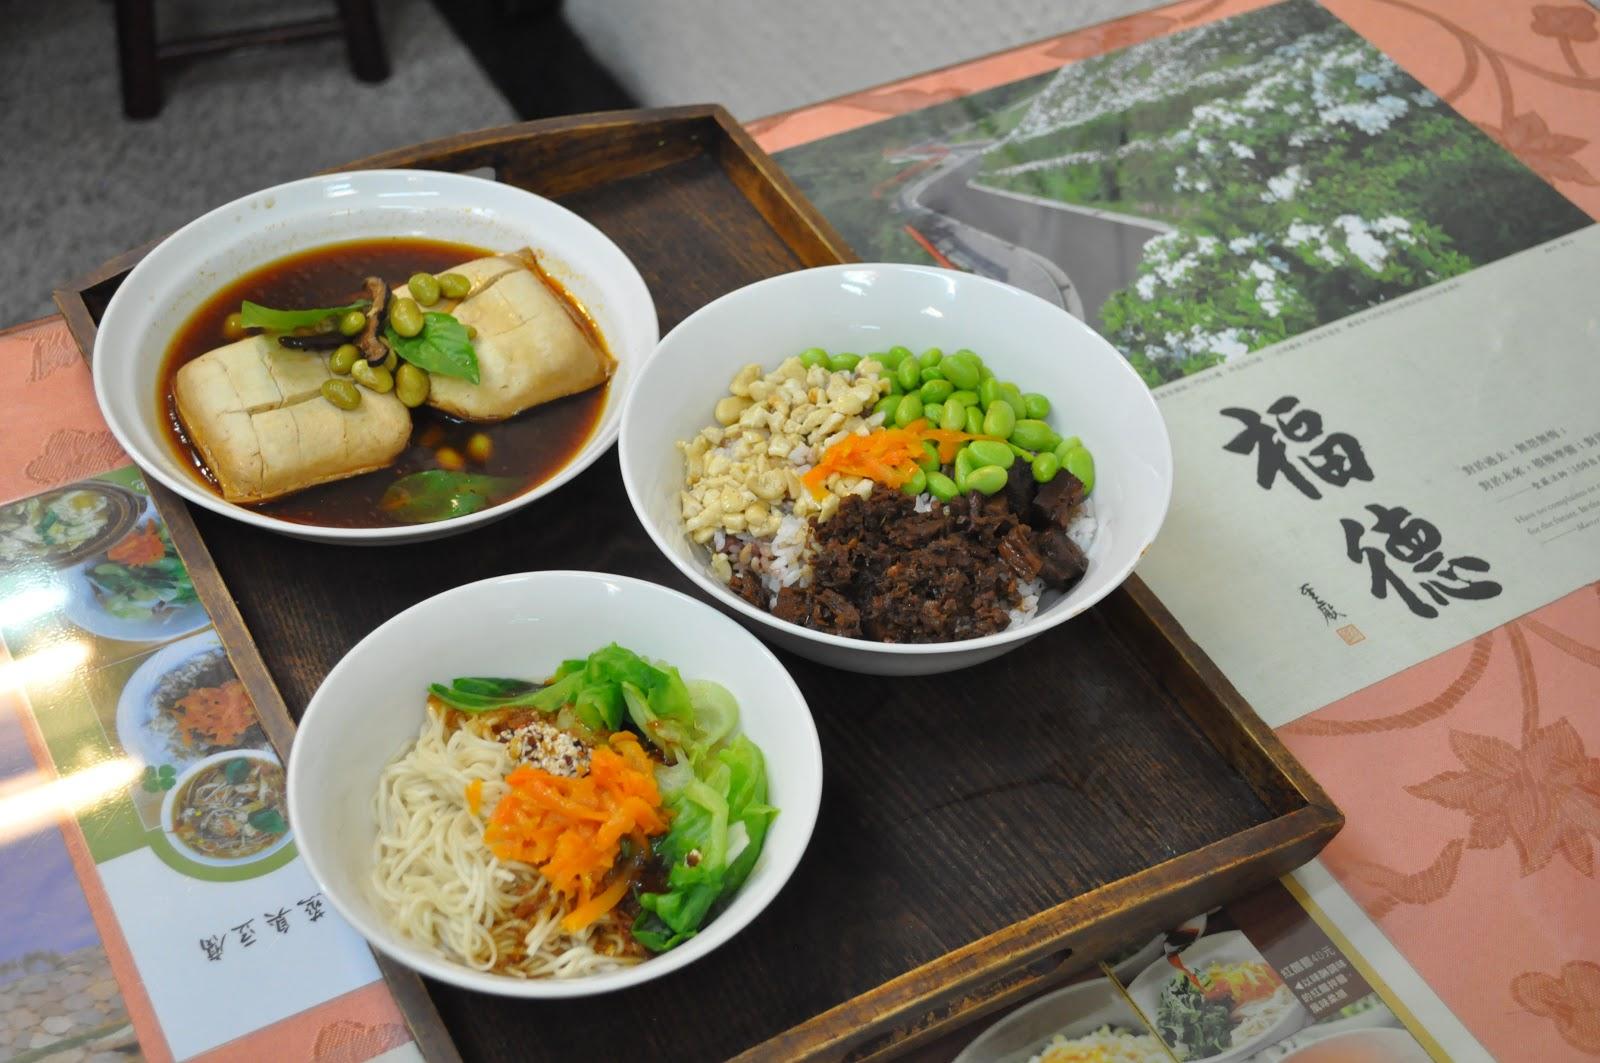 耶濃Yanoon : 搖滾一整天的豆漿專賣店: 十一月 2012